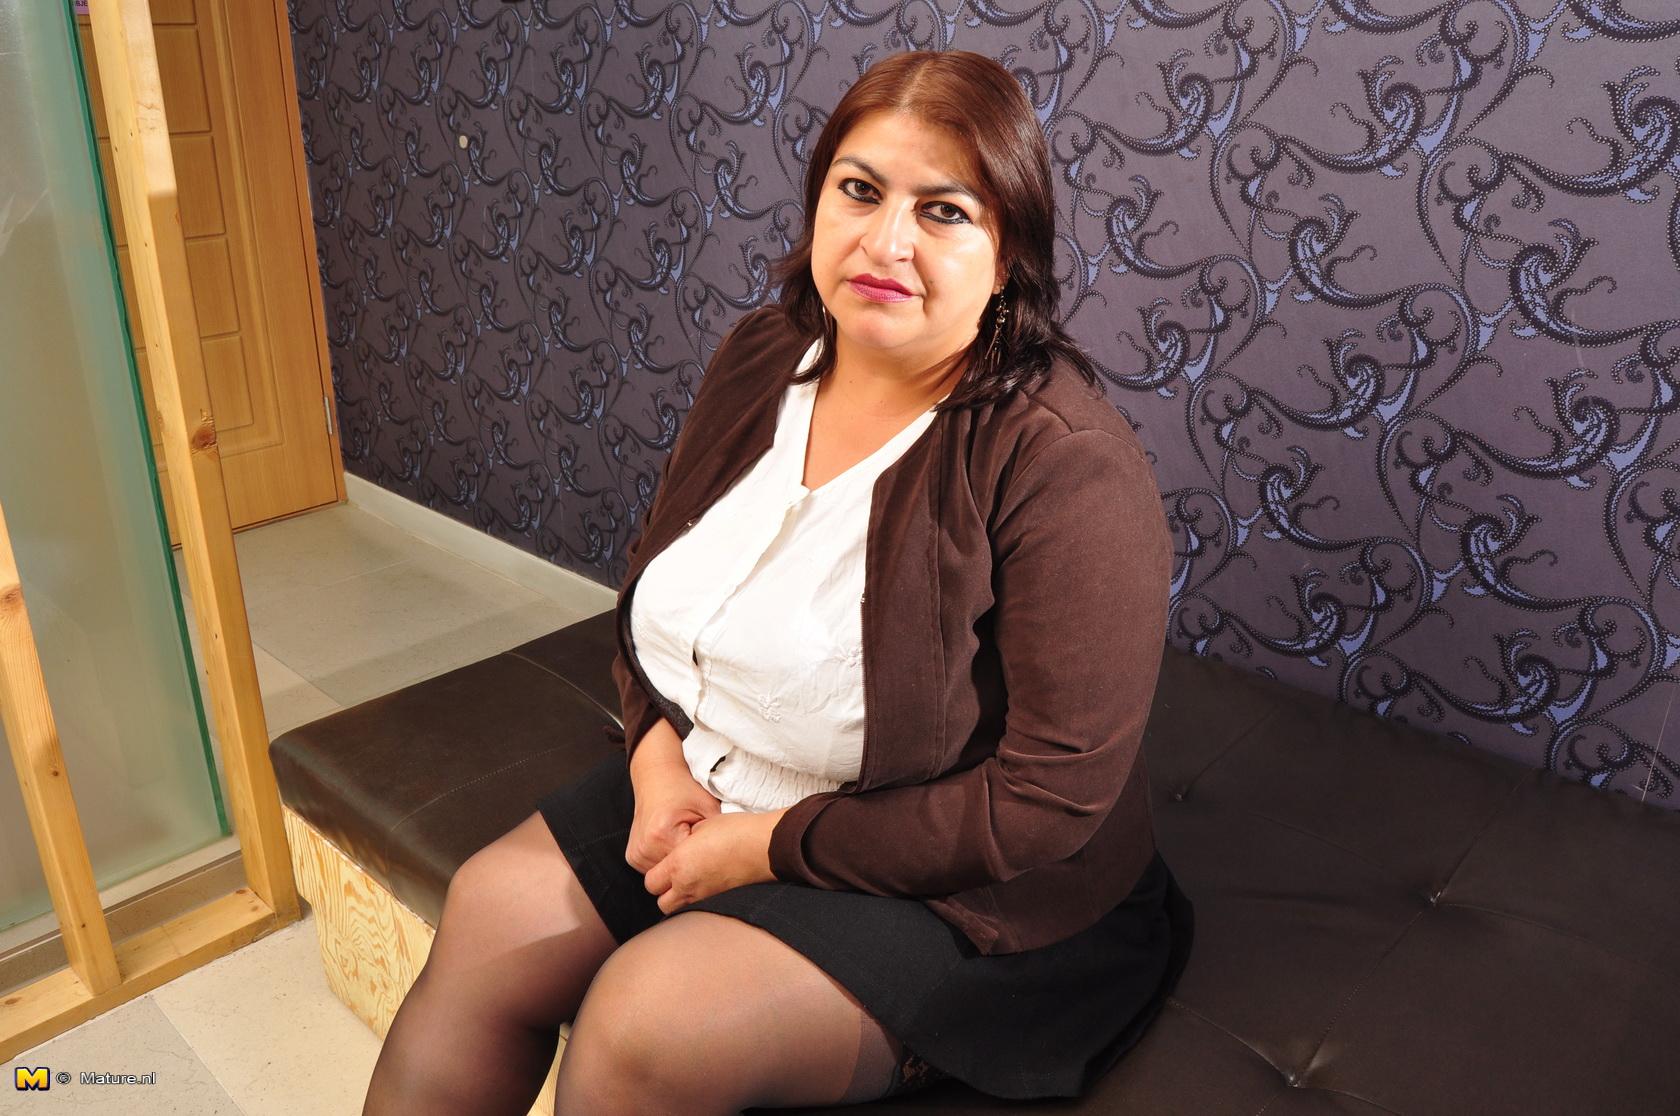 Mature women chubby naughty